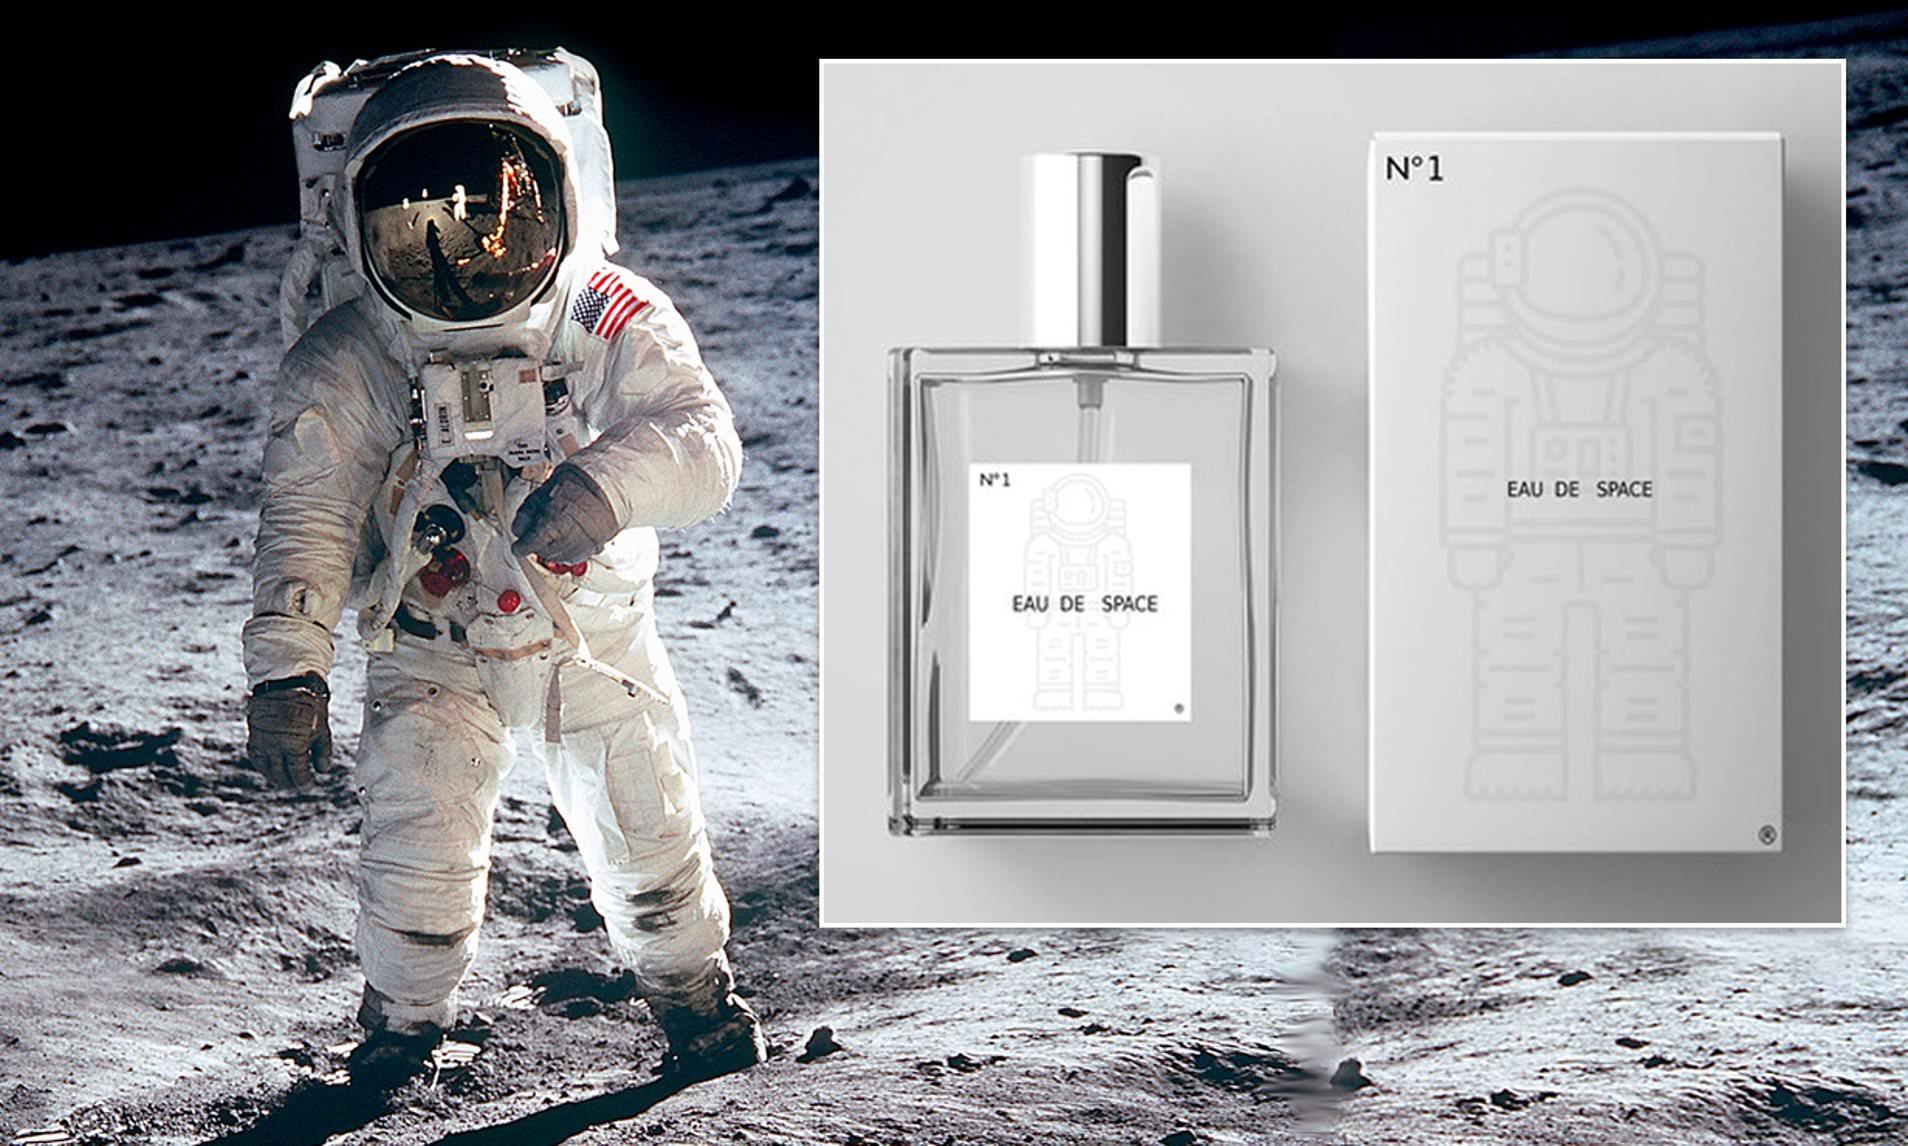 eau de space fragancia nasa espacio exterior loqueva (1)